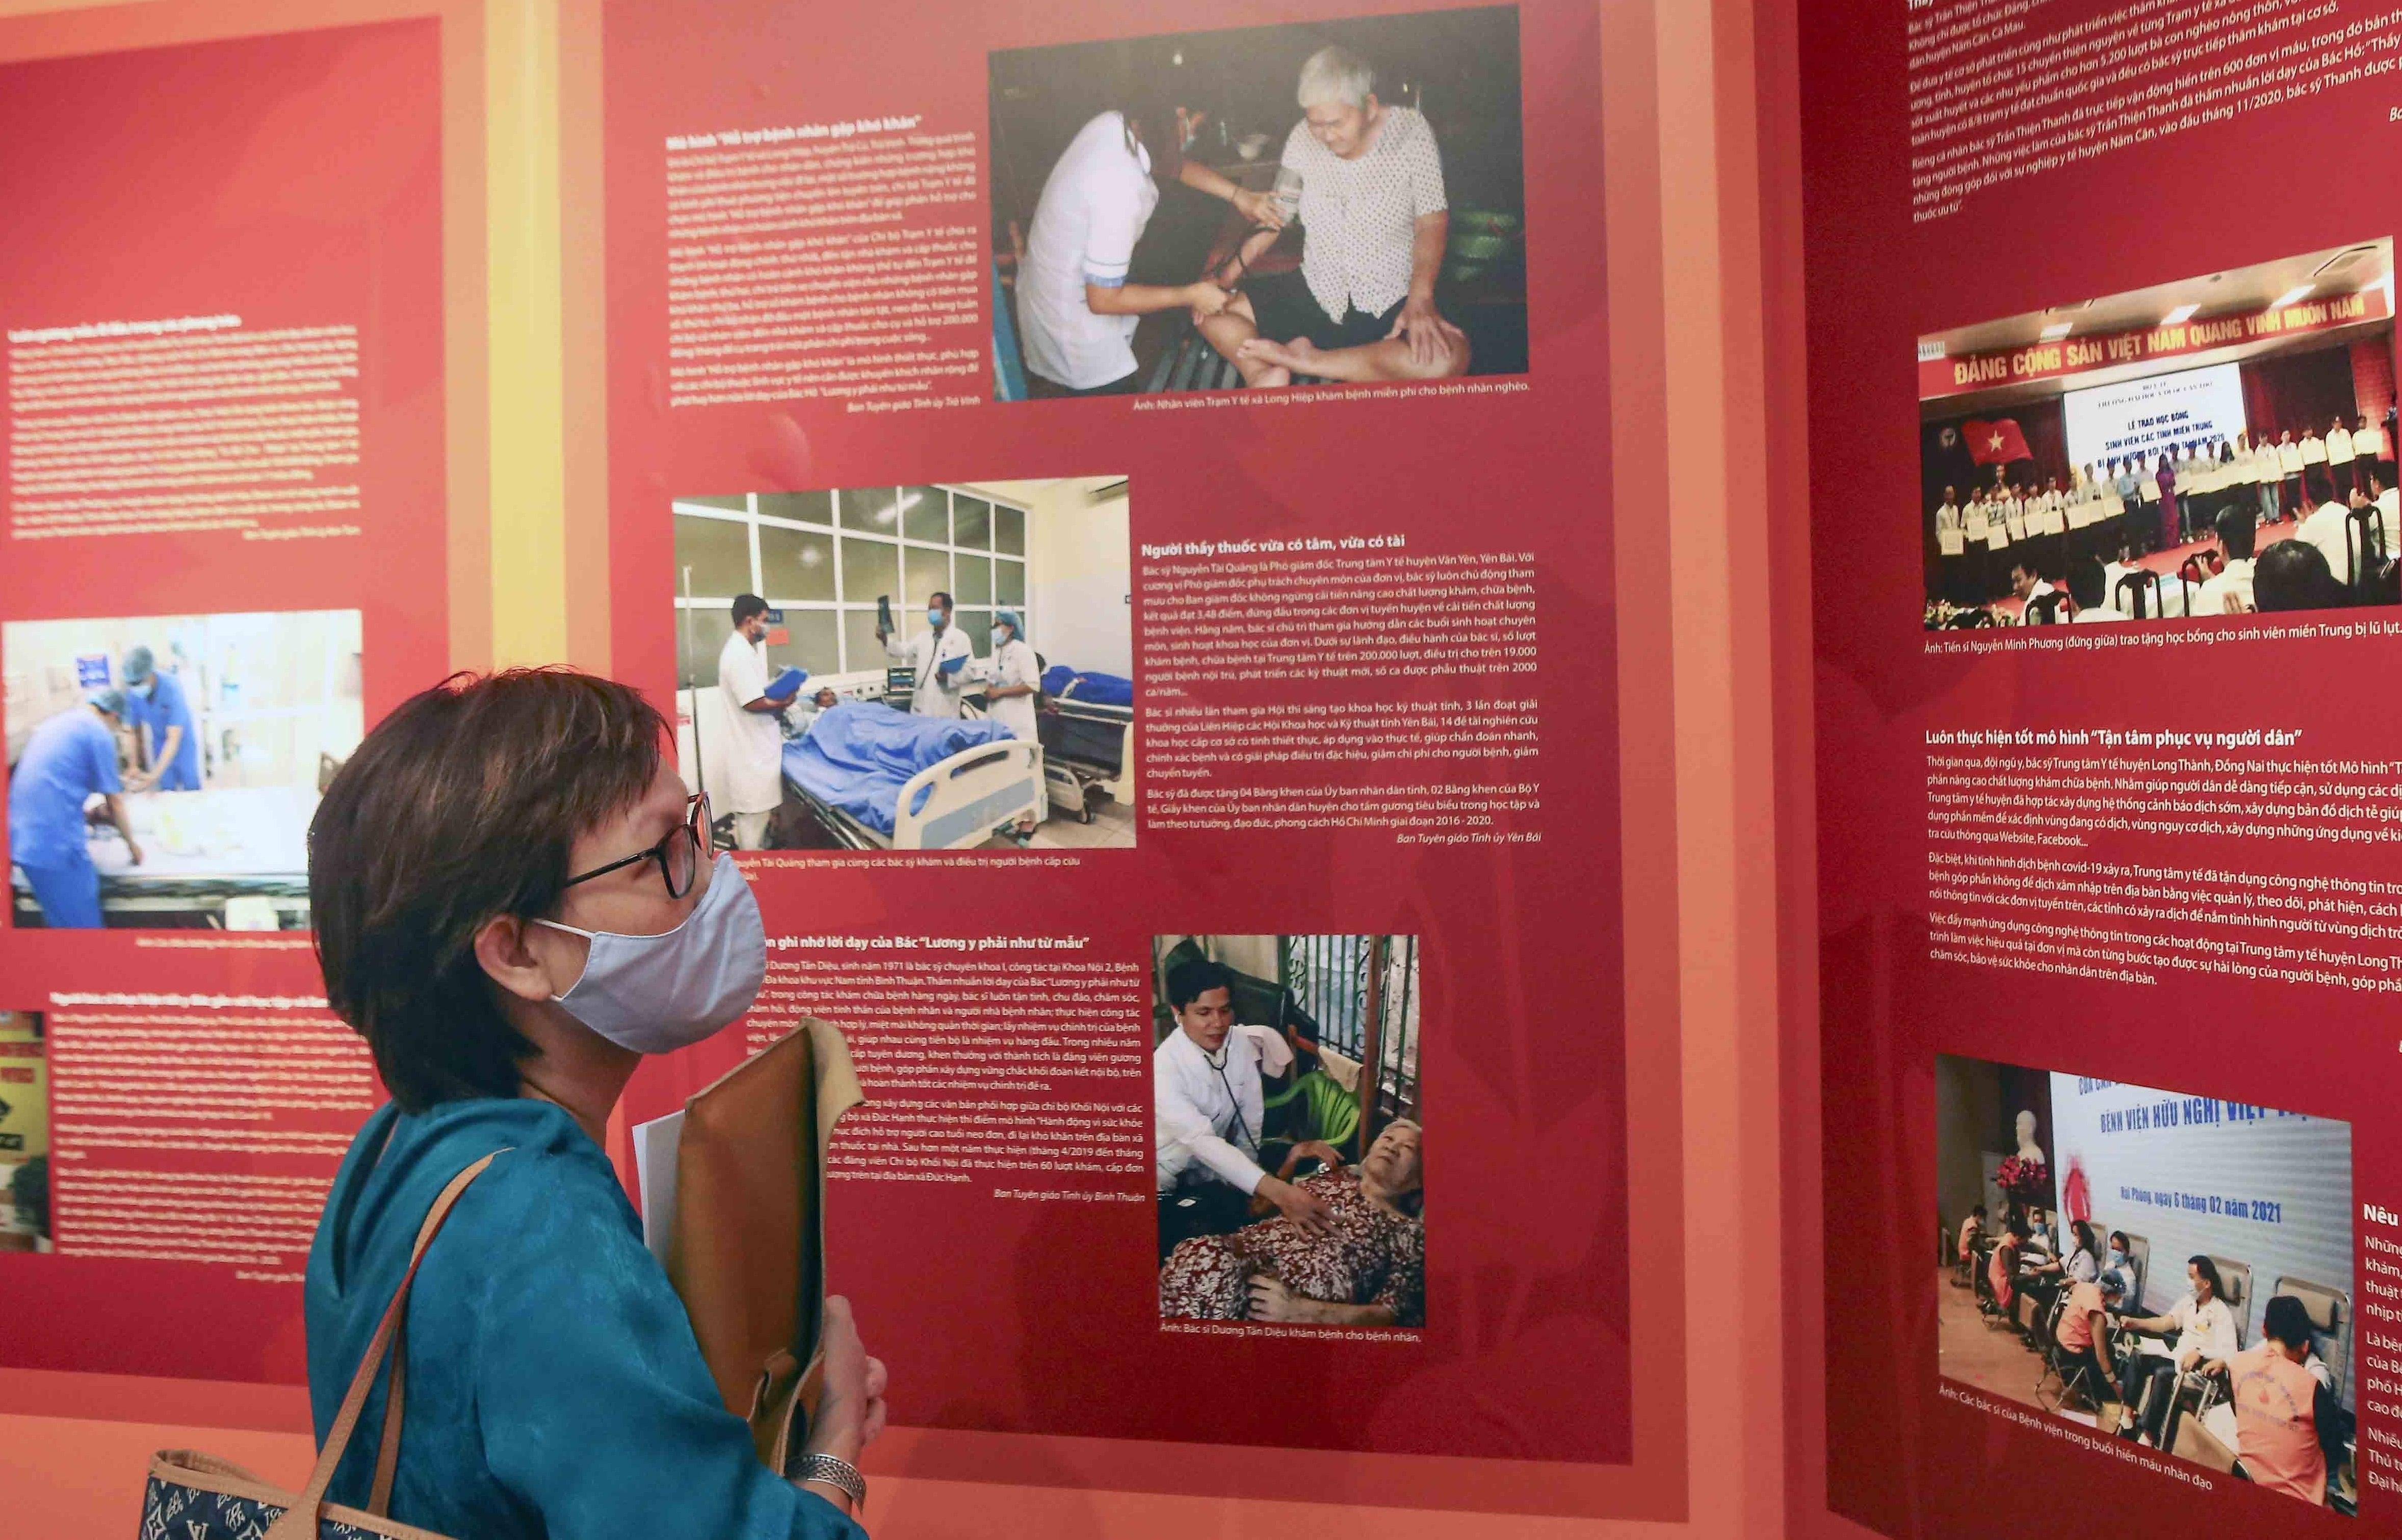 Realizan exposicion sobre seguimiento del ejemplo moral y pensamiento de Ho Chi Minh hinh anh 2